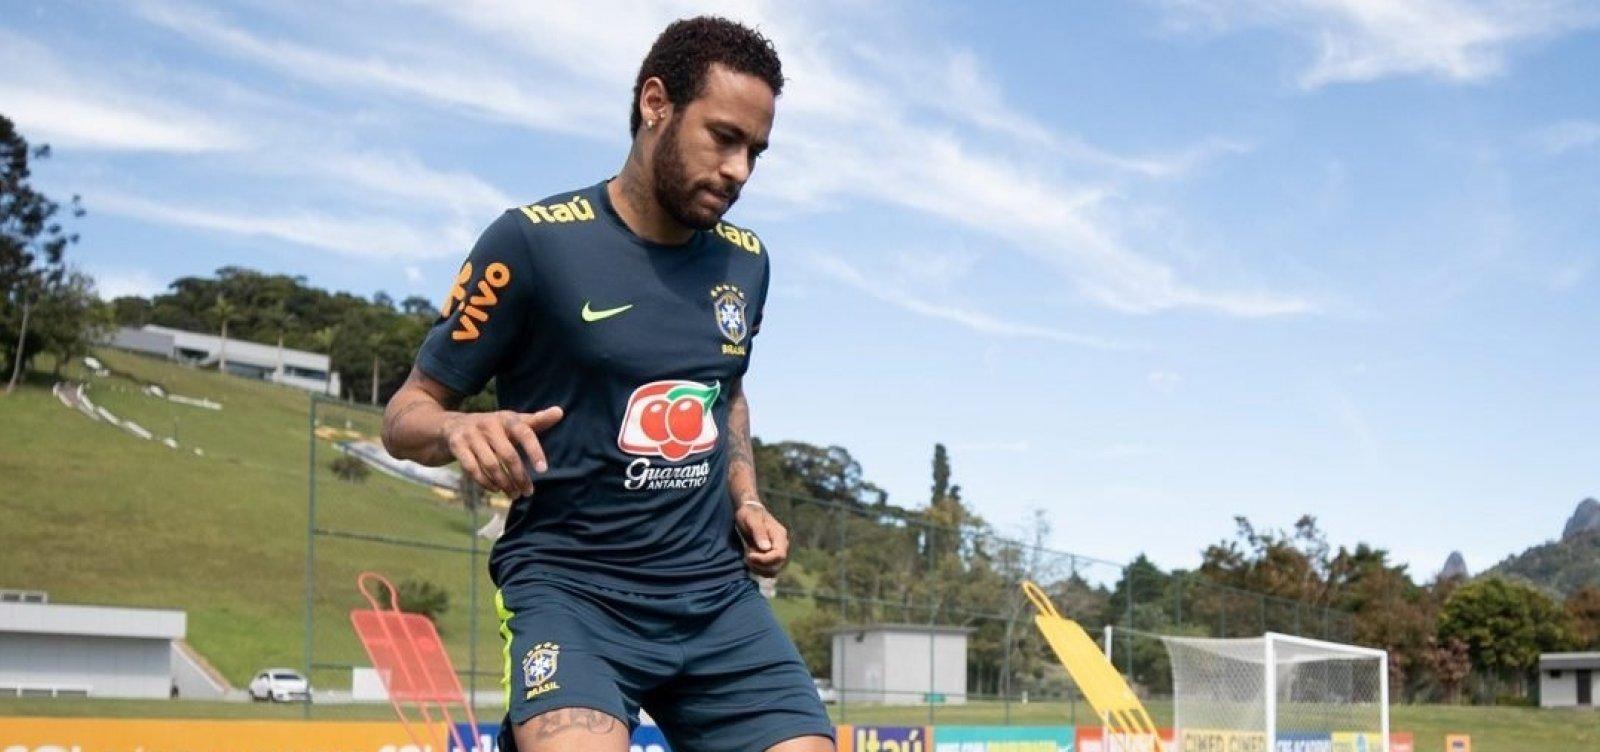 [Polícia Civil do Rio vai investigar Neymar por divulgar fotos íntimas de mulher ]